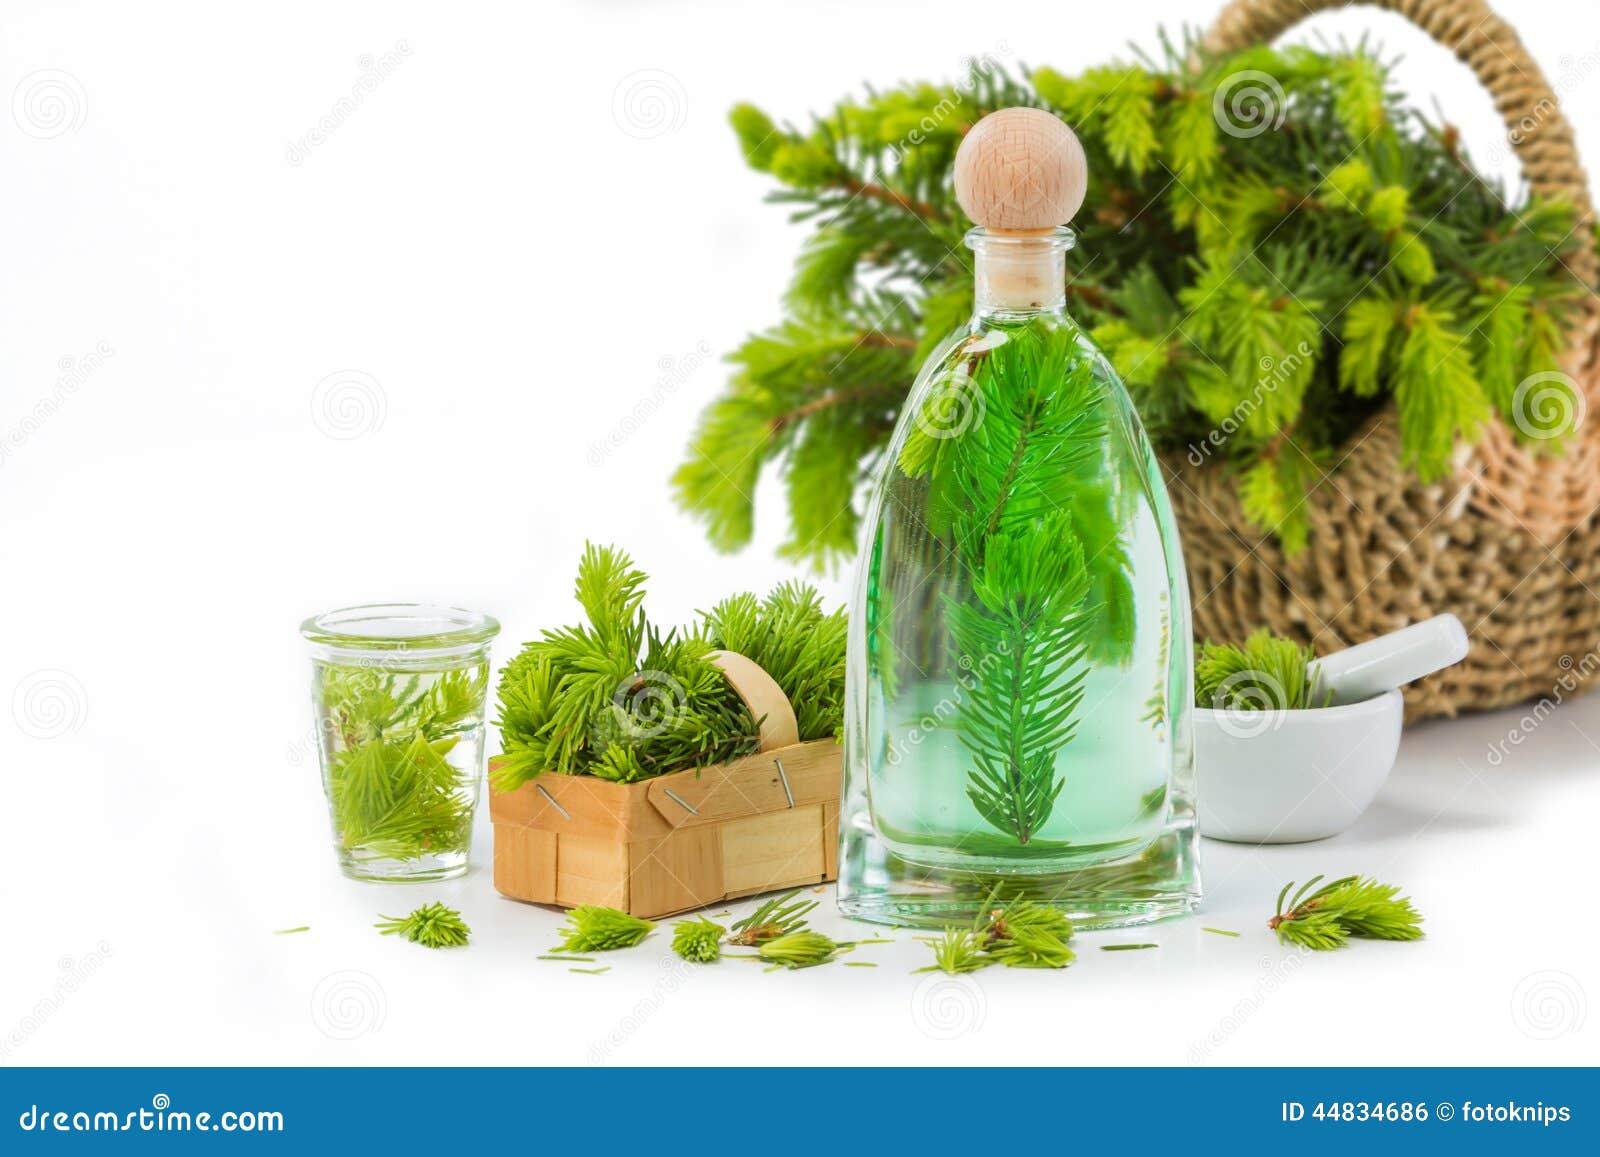 Prydlig visarbad, medicinalväxter